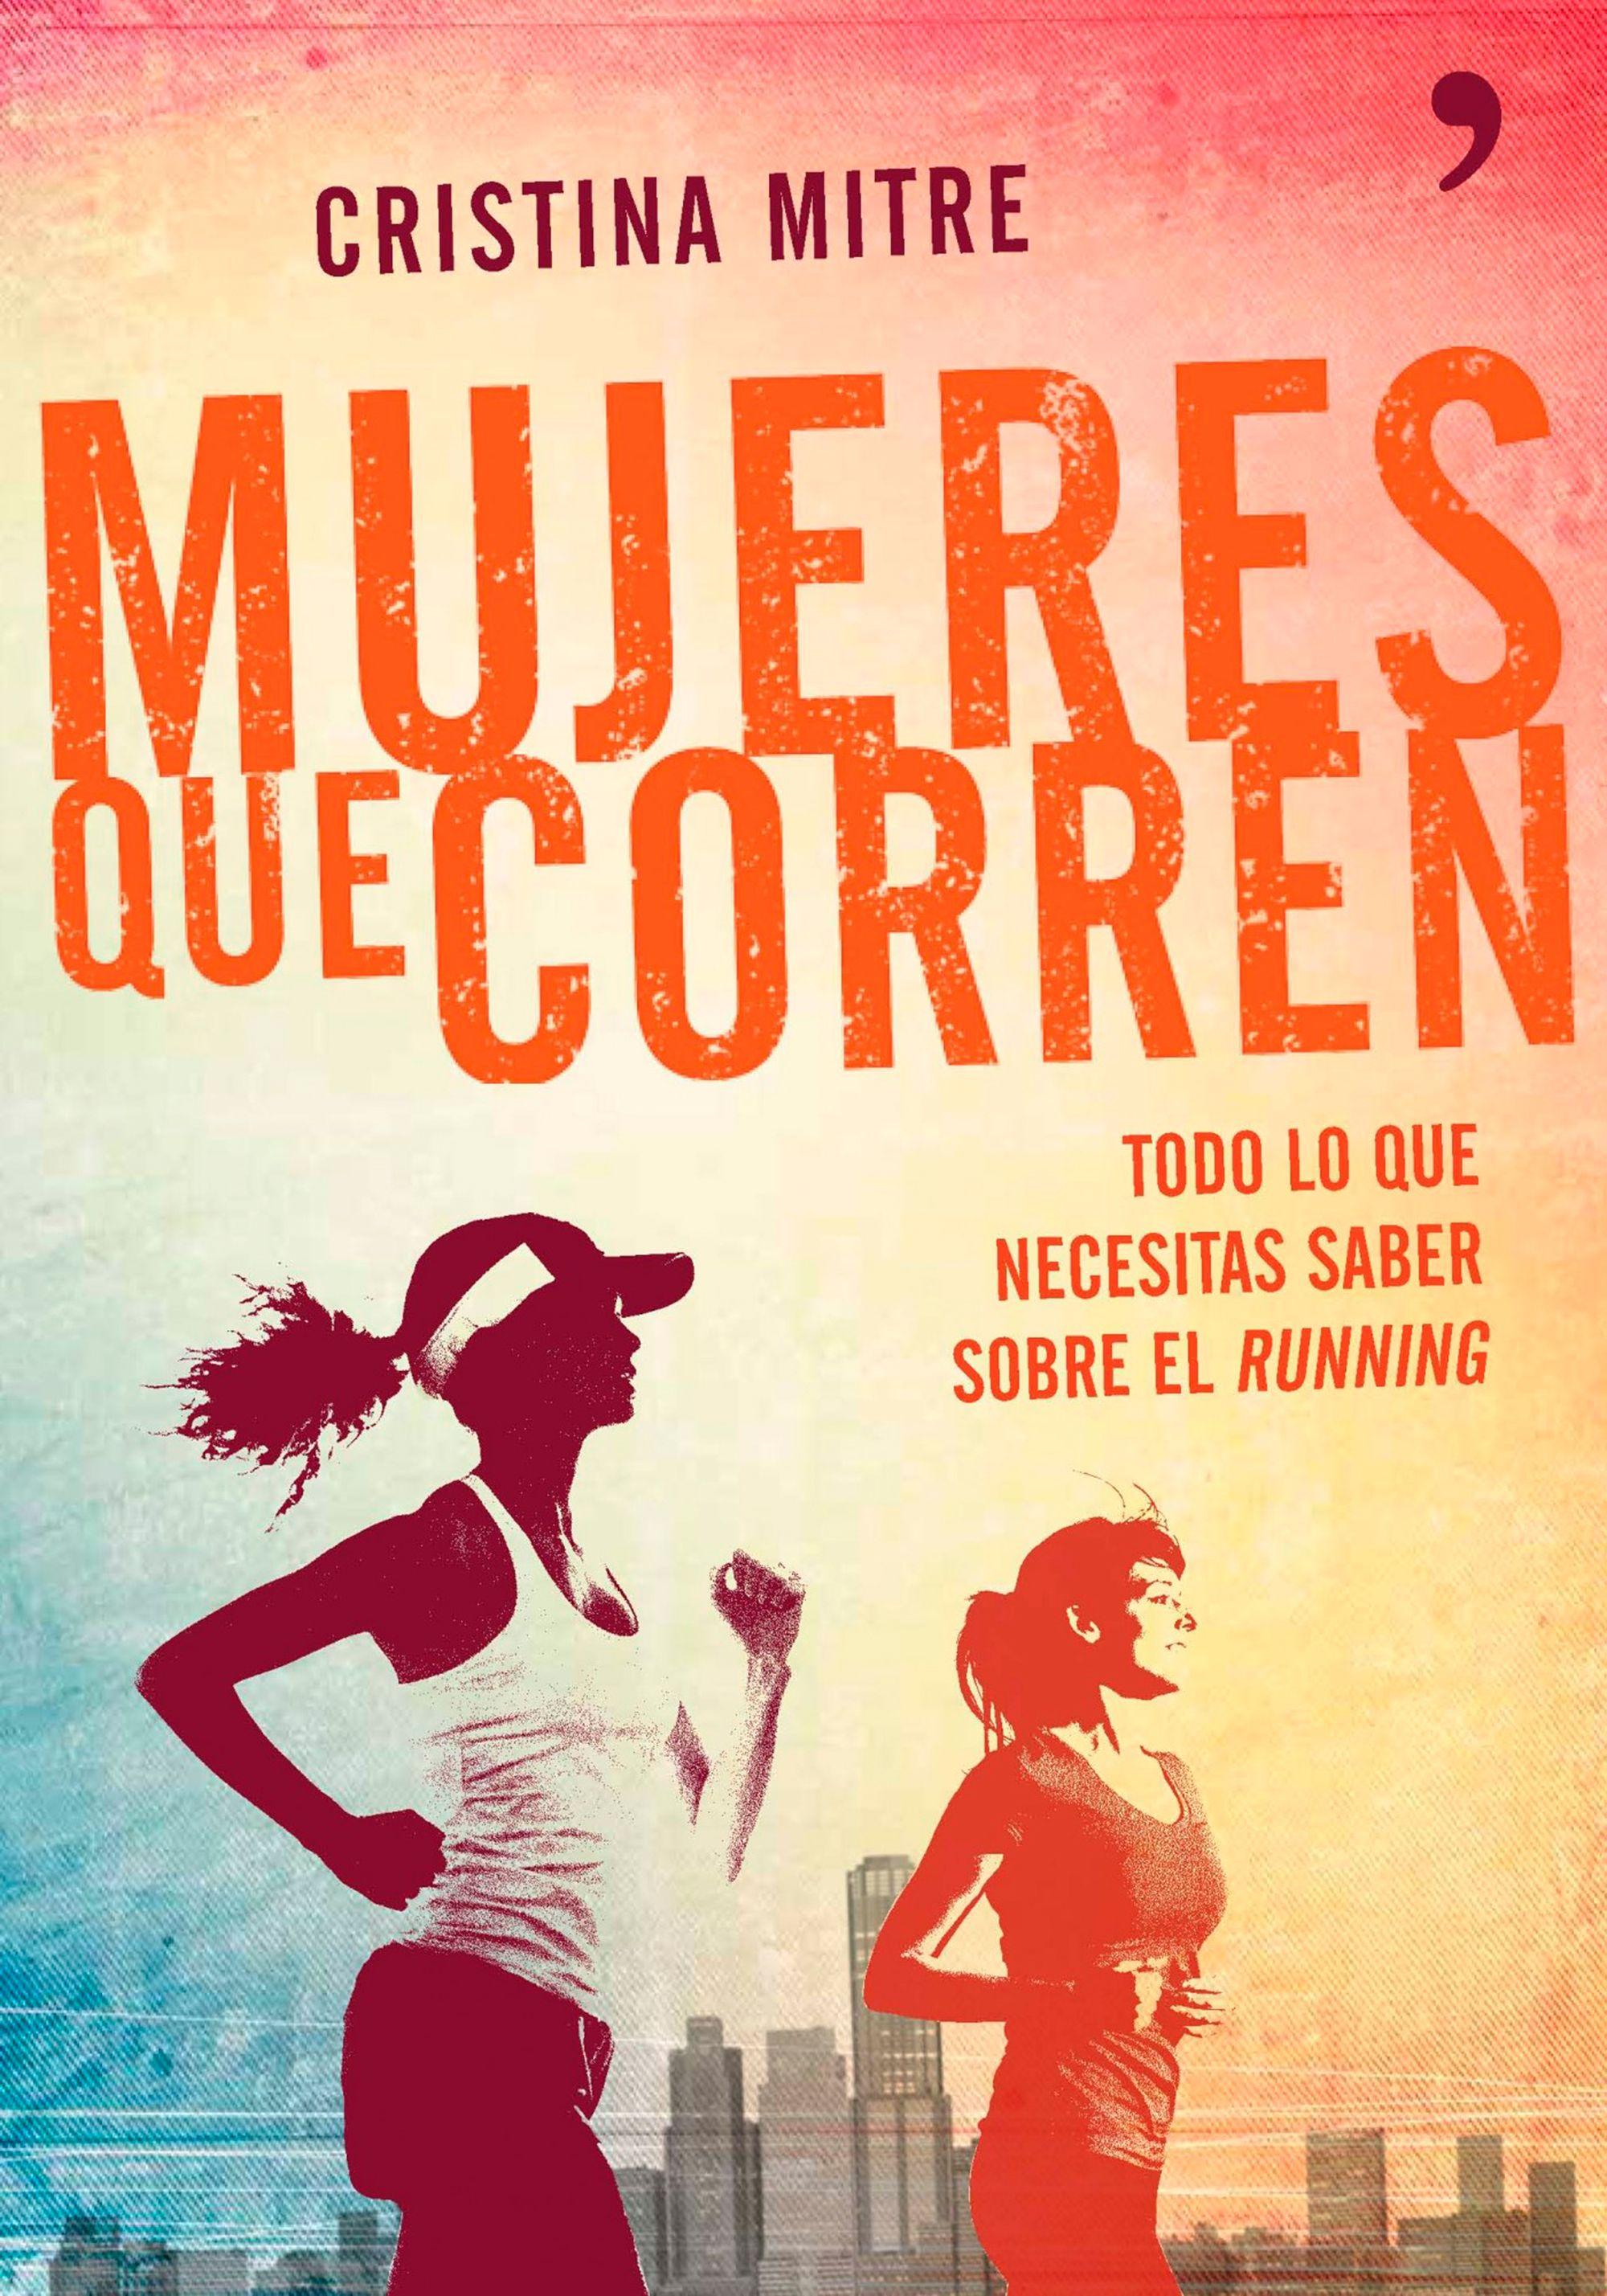 Mujeres que corren: todo lo que necesitas saber sobre el running; cristina mitre